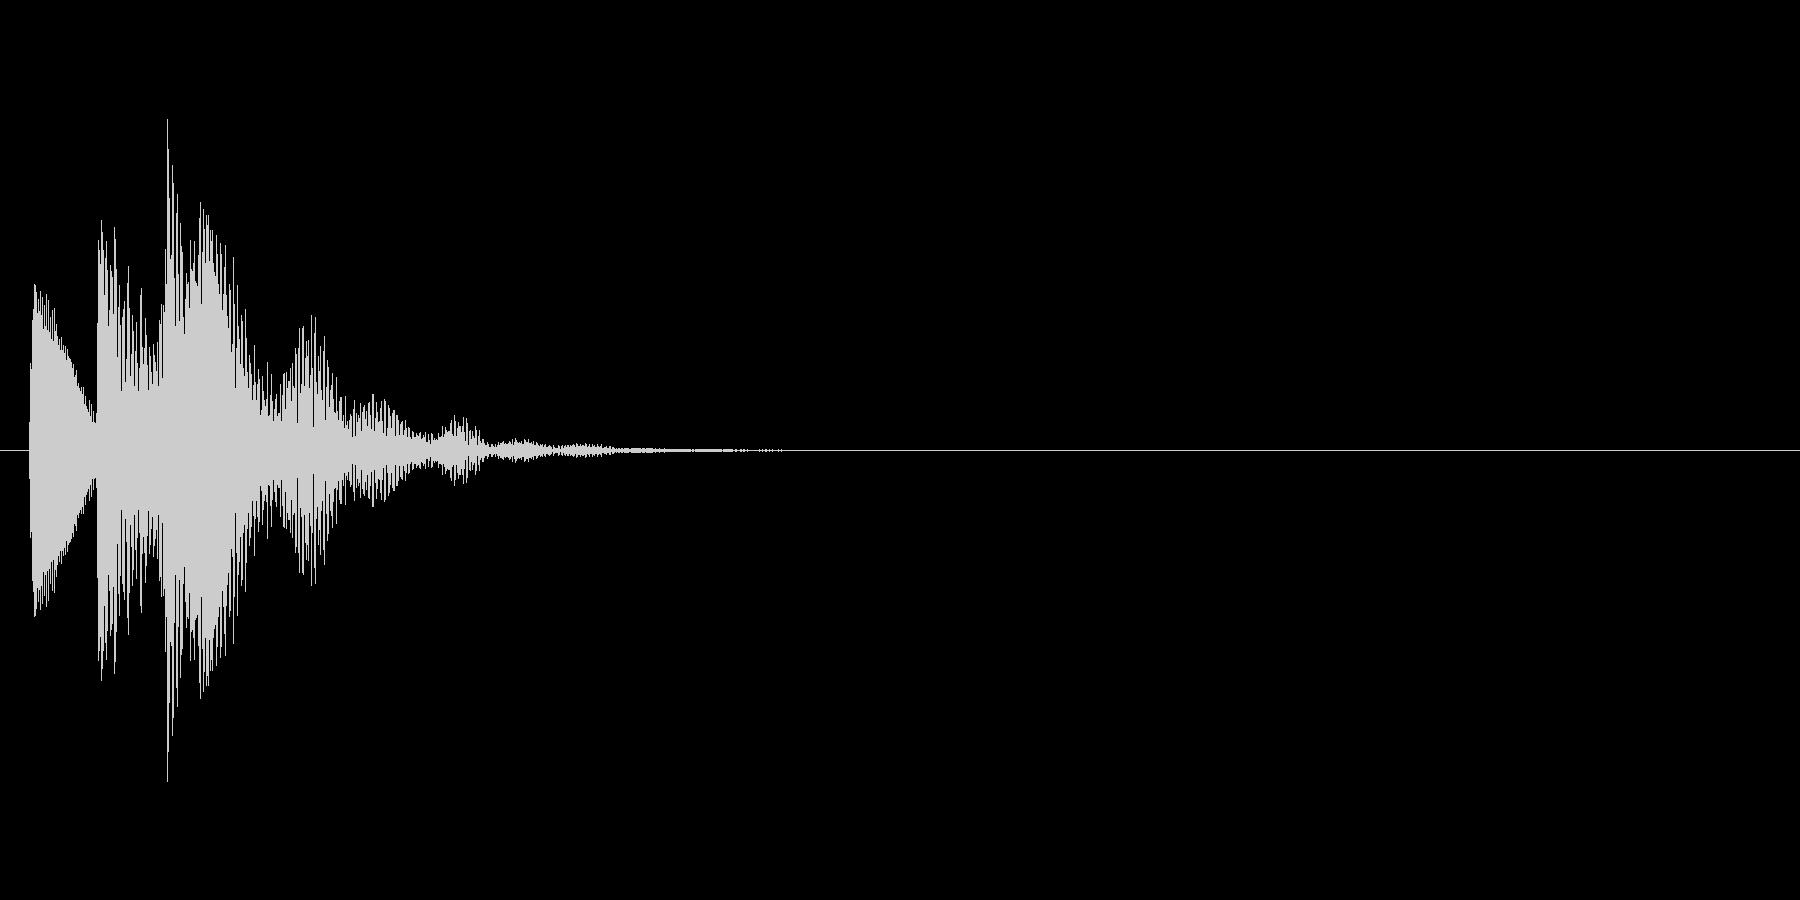 タララッ↑(決定音、柔らかい雰囲気)の未再生の波形